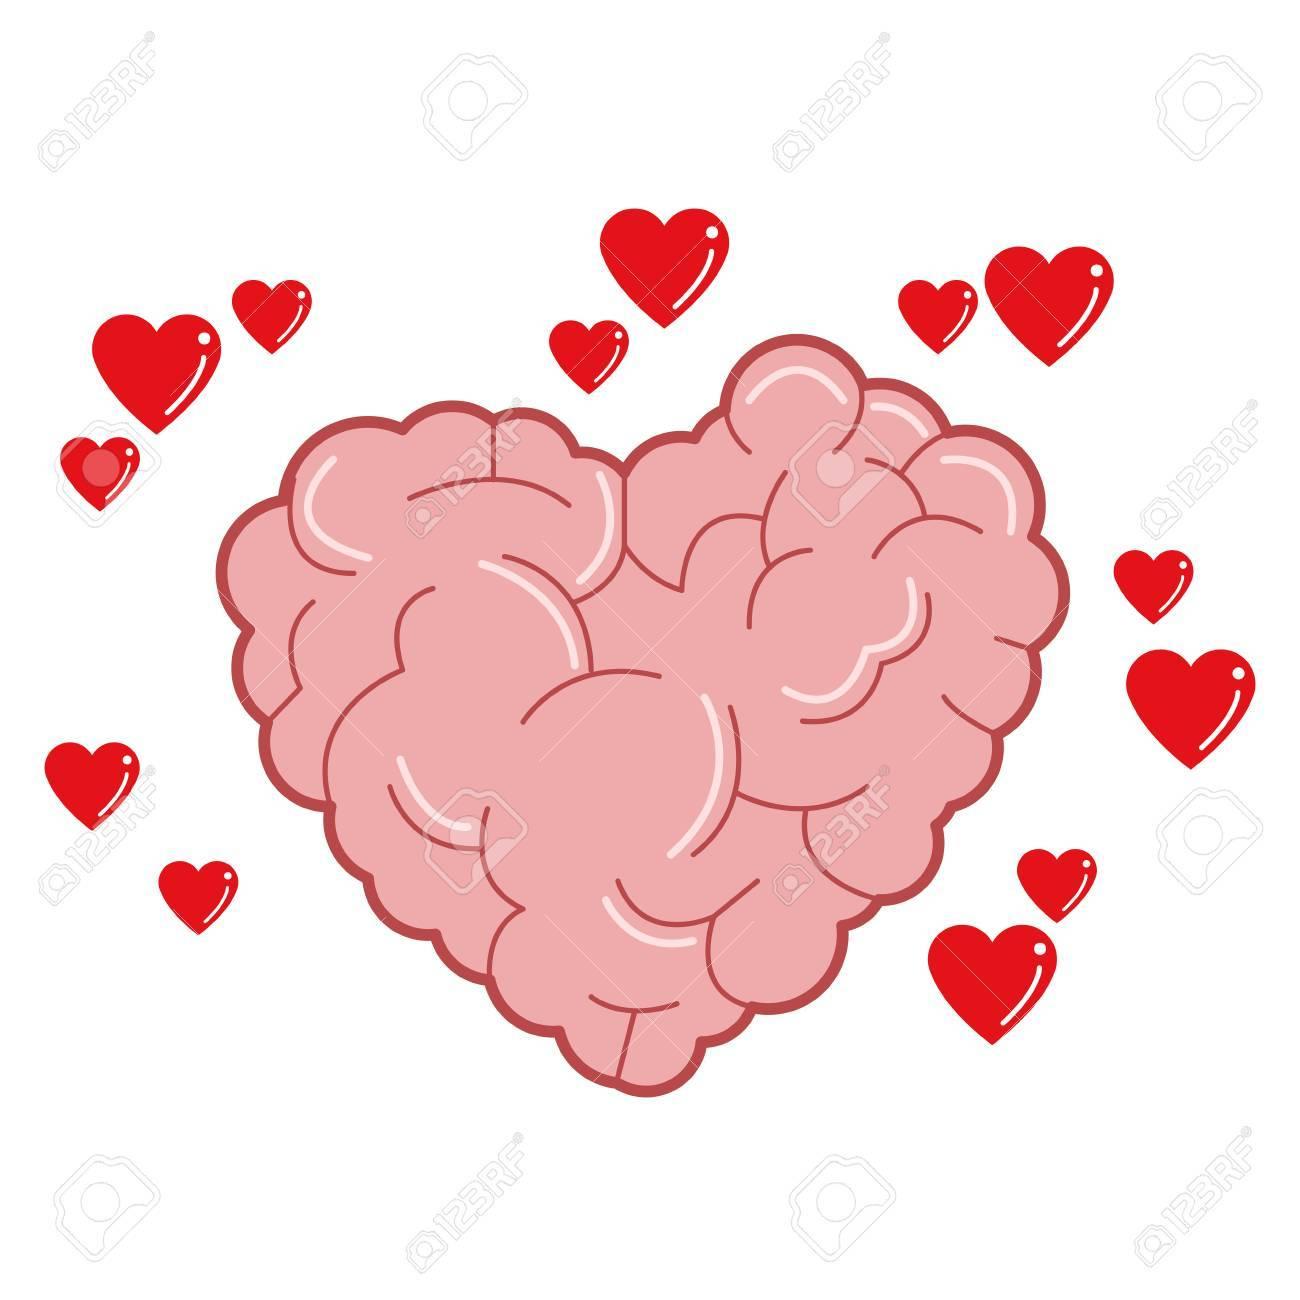 El Diseño Plano Del Cerebro En Forma De Corazón Con Pequeños